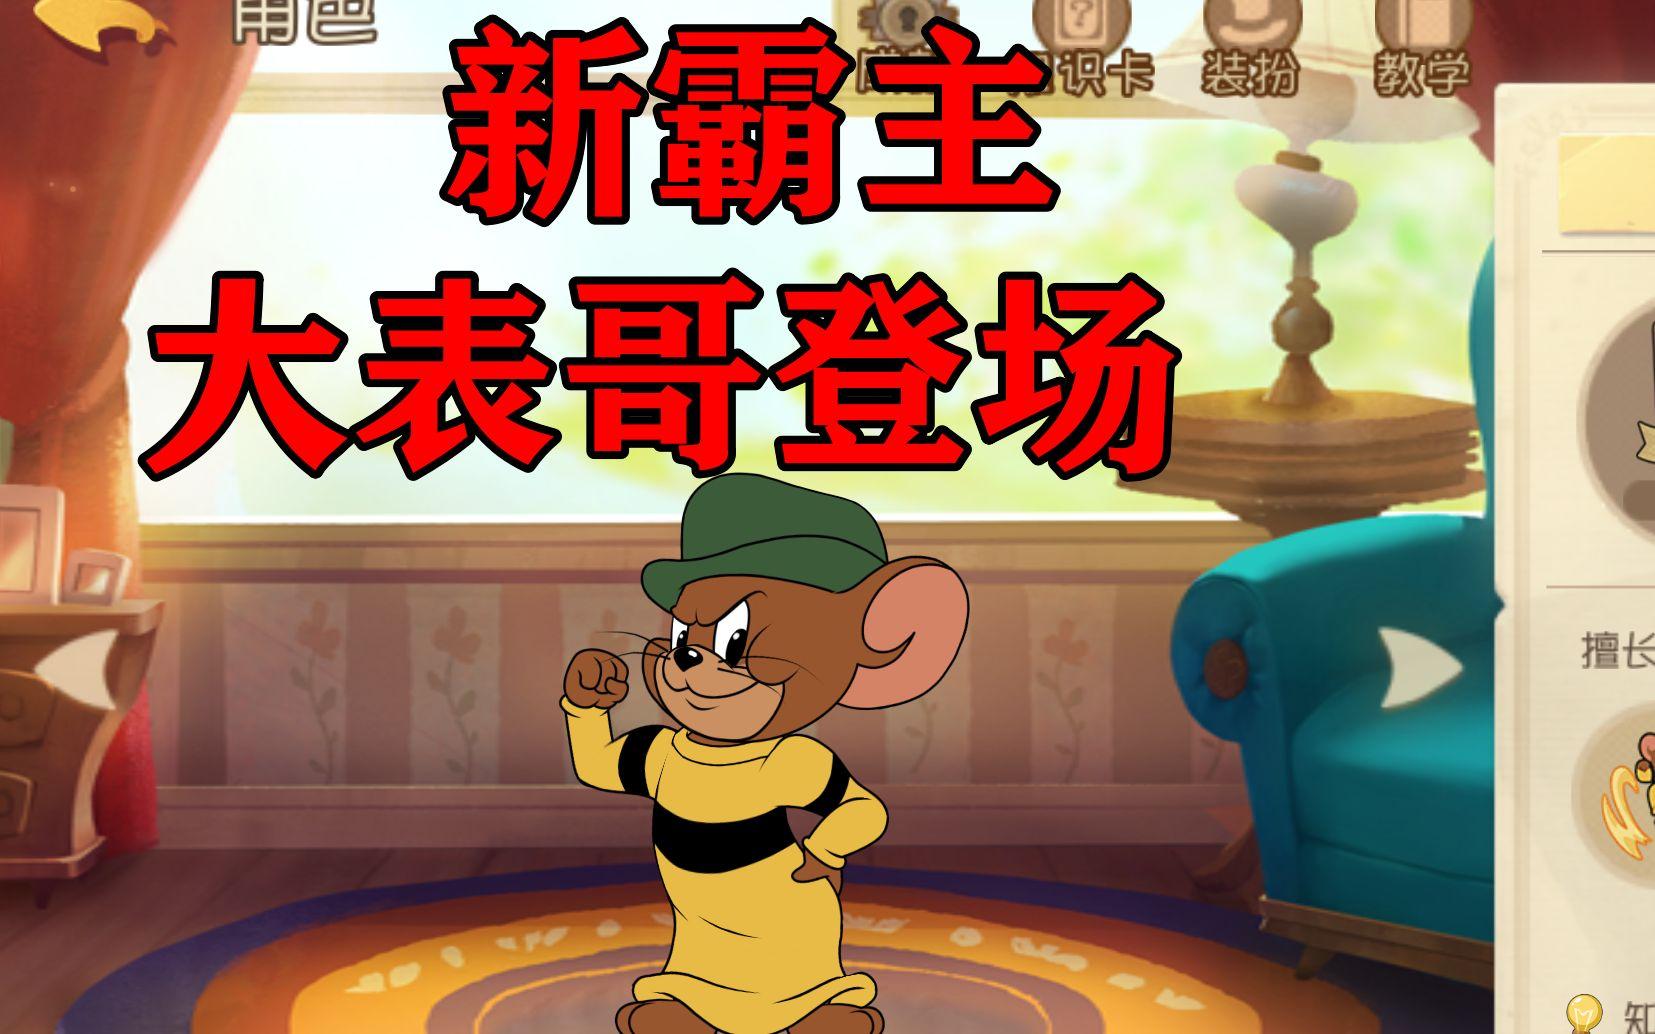 猫和老鼠手游:新老鼠霸主大表哥登场